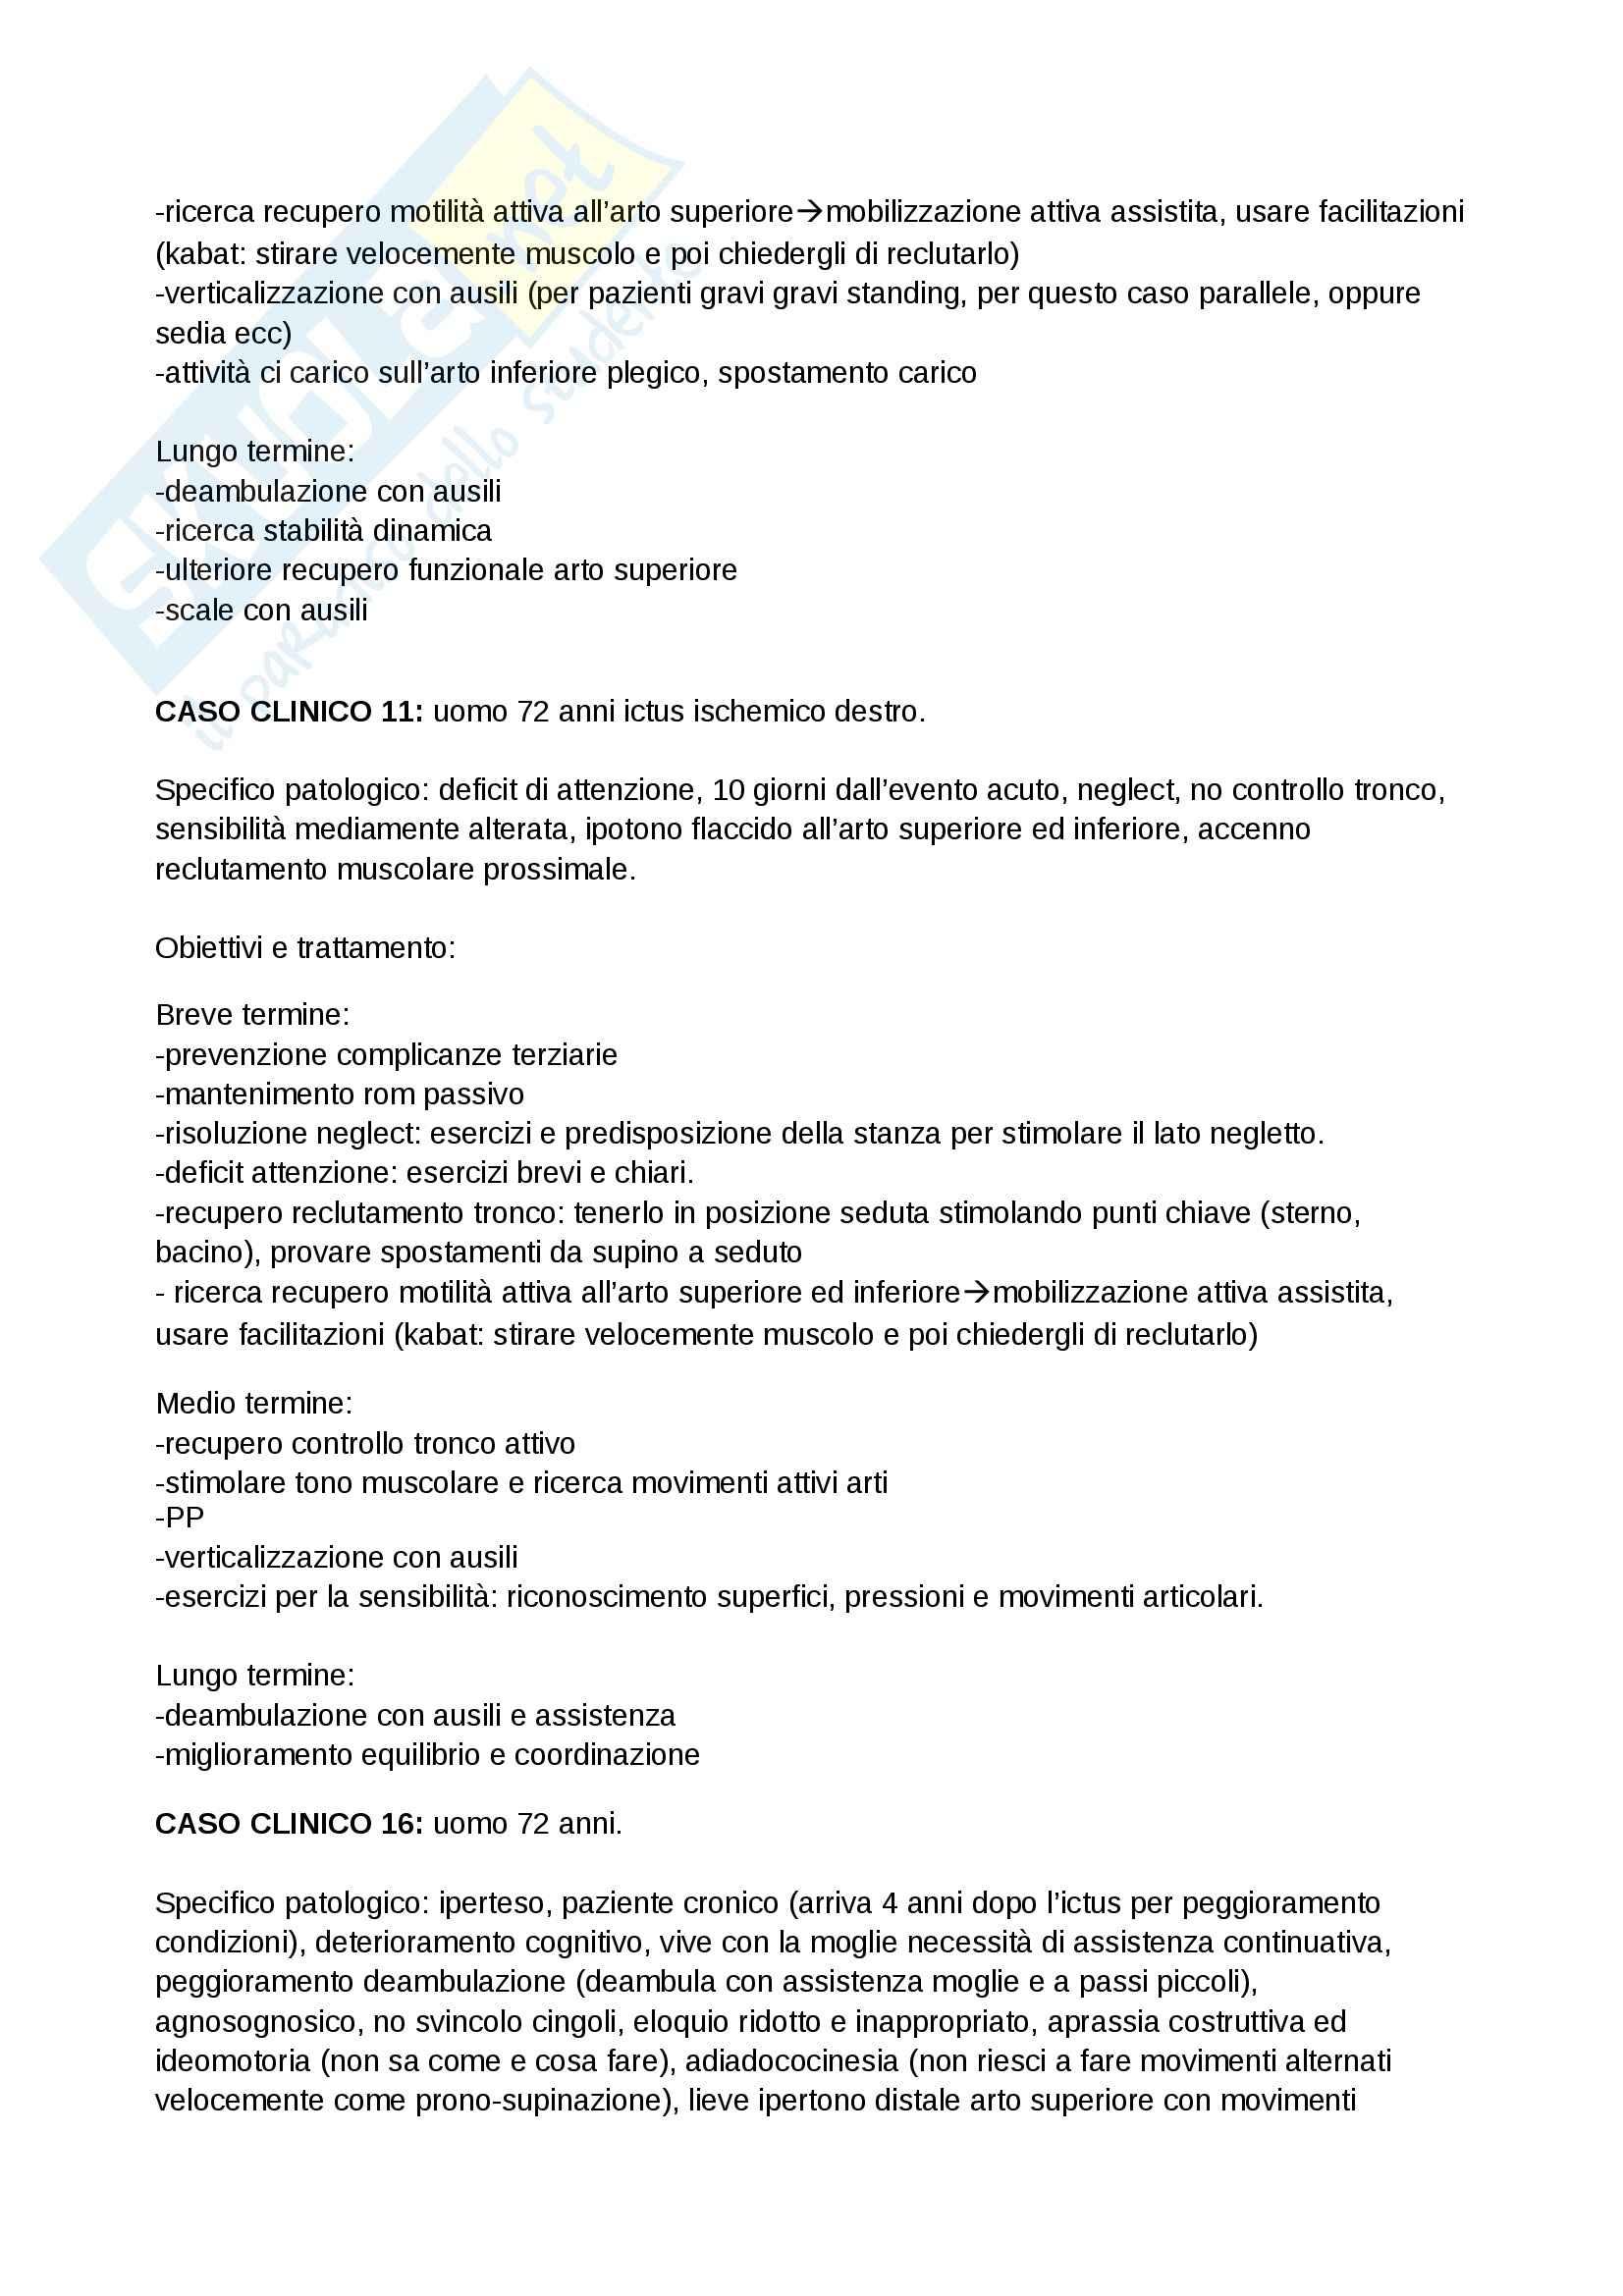 Riabilitazione neurologica - risoluzione dei casi clinici neurologici Pag. 2